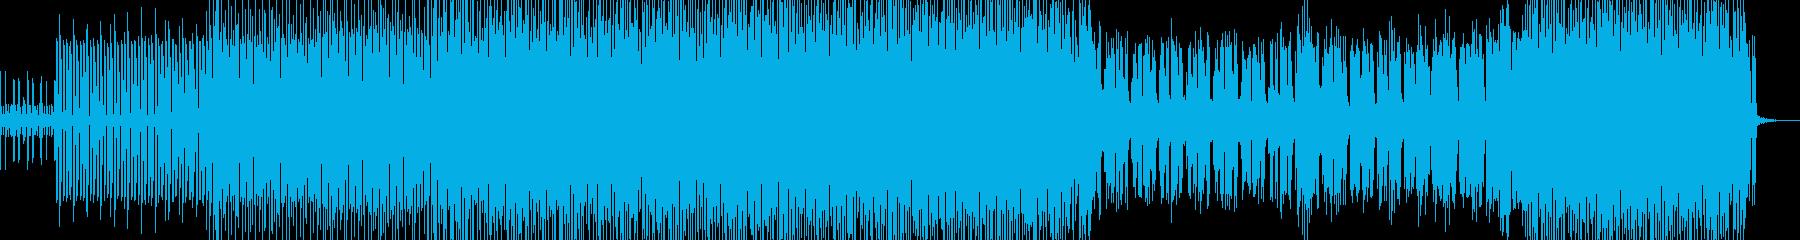 近未来感のあるおしゃれなメロディーの再生済みの波形